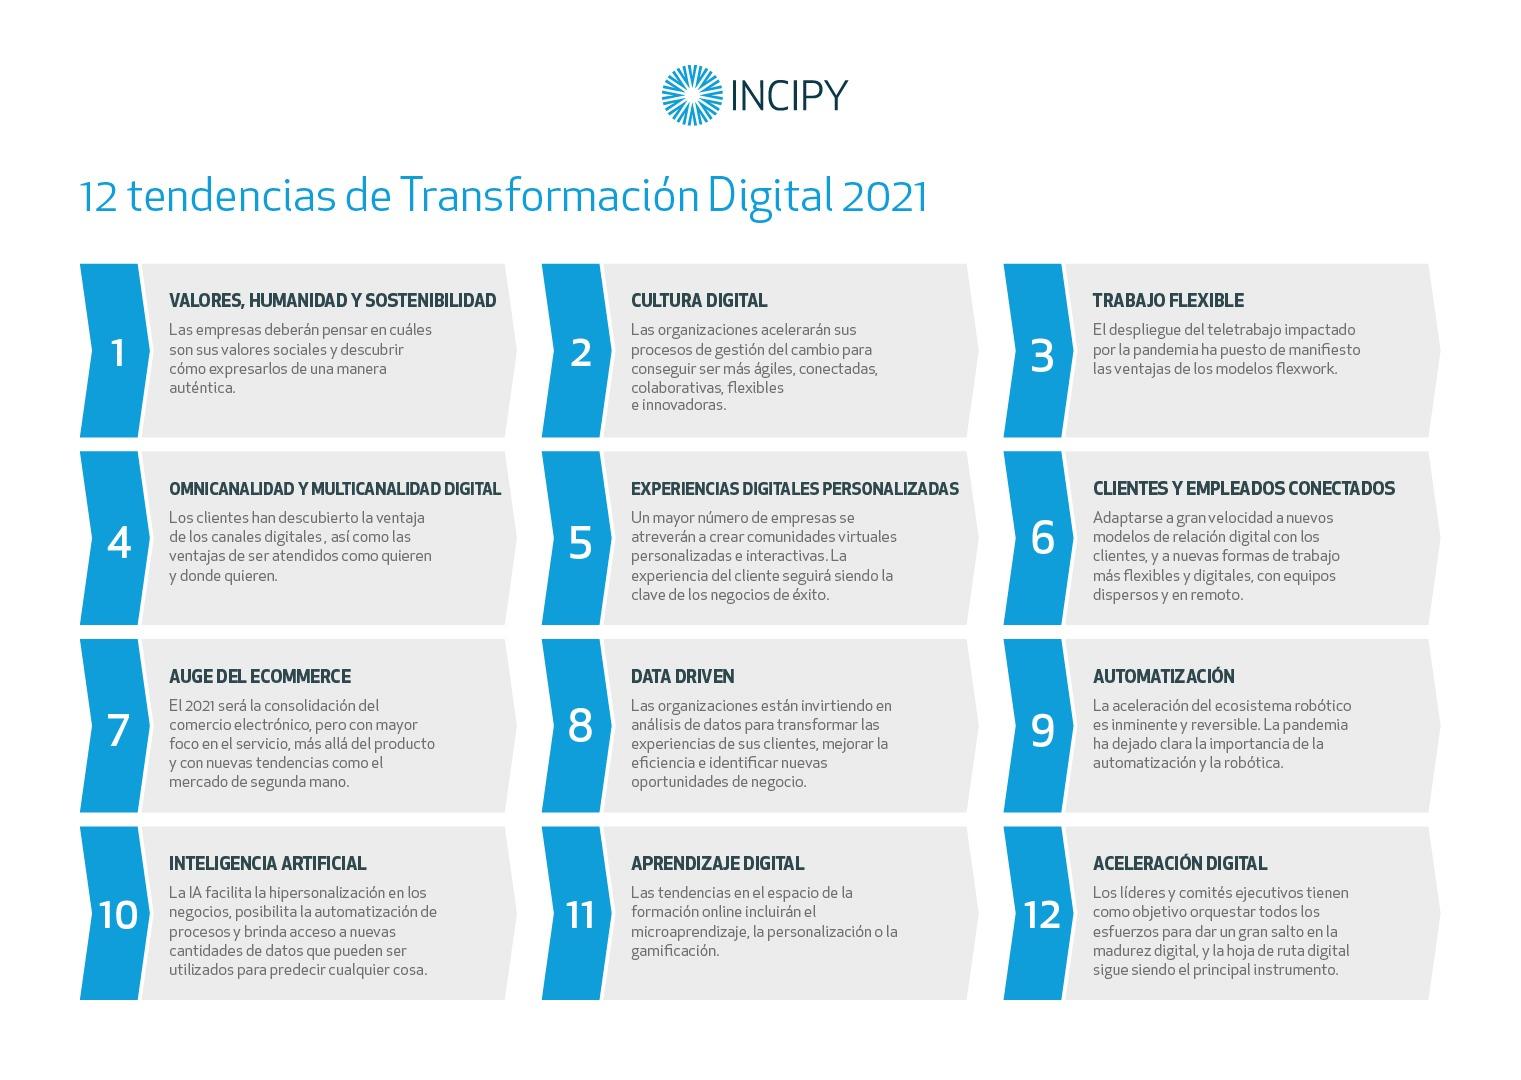 Infografía Tendencias transformacion digital Incipy 2021